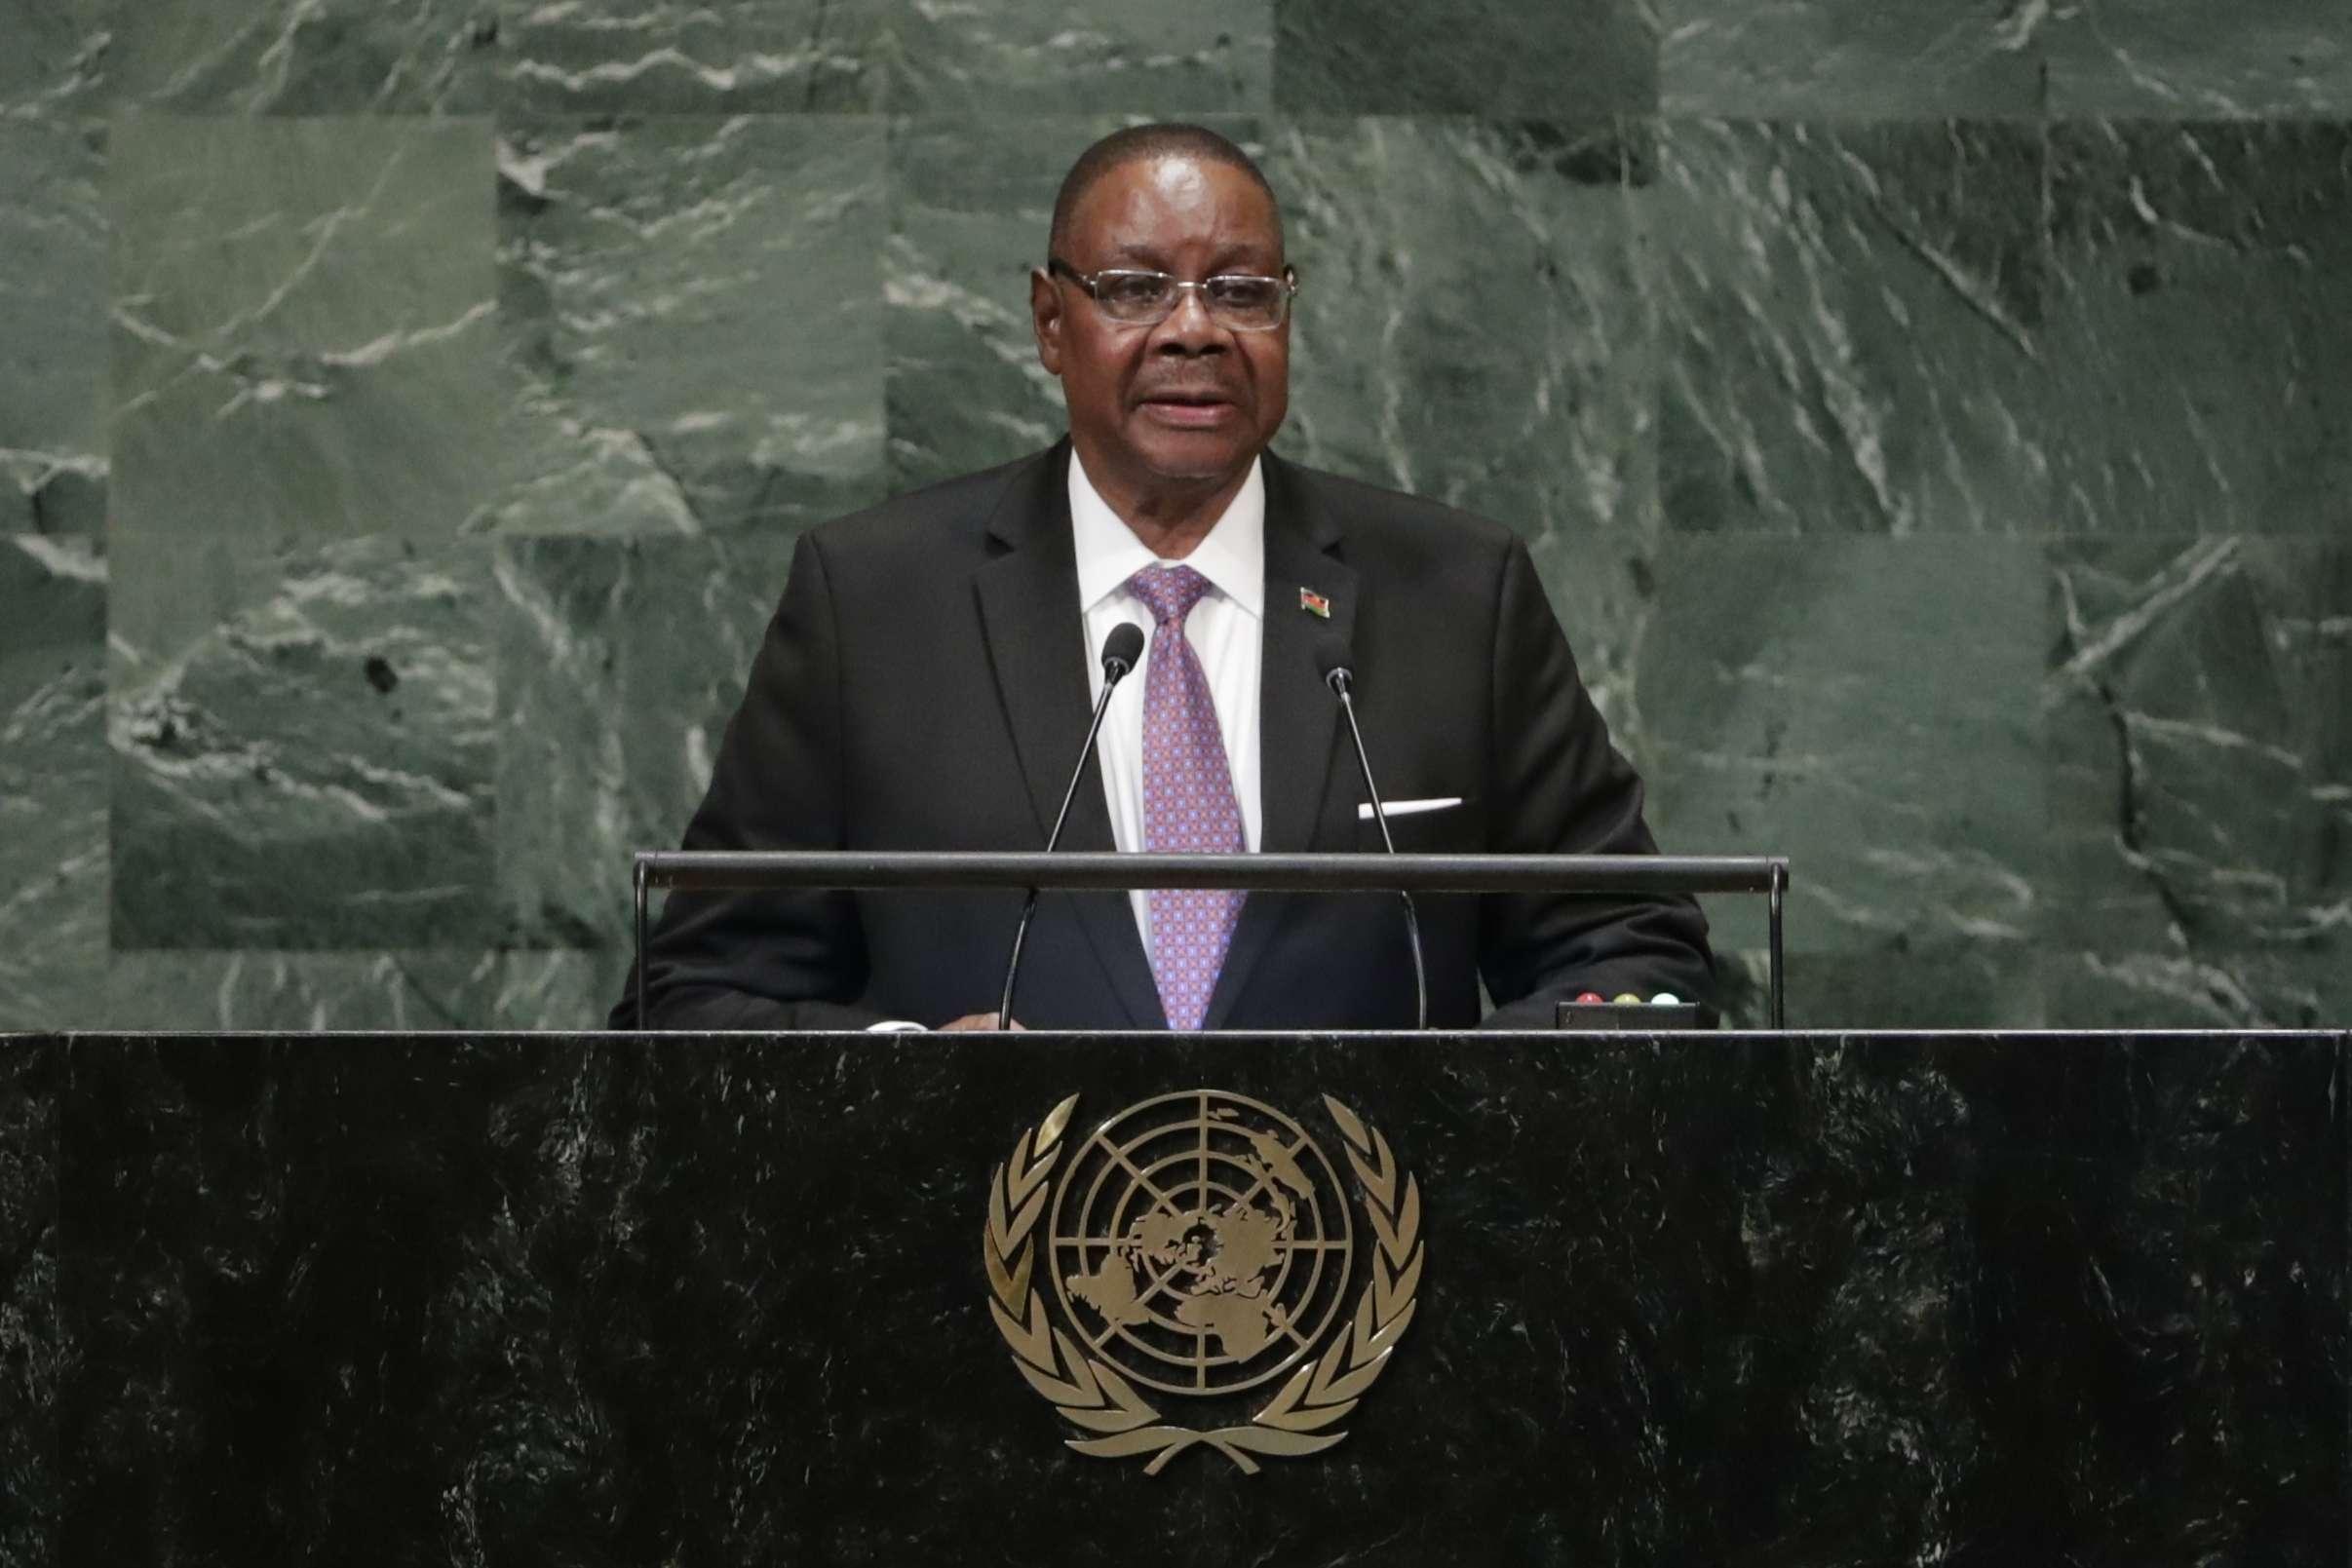 Le président du Malawi, Arthur Peter Mutharika, à la tribune de la 73e assemblée générale de l'ONU.